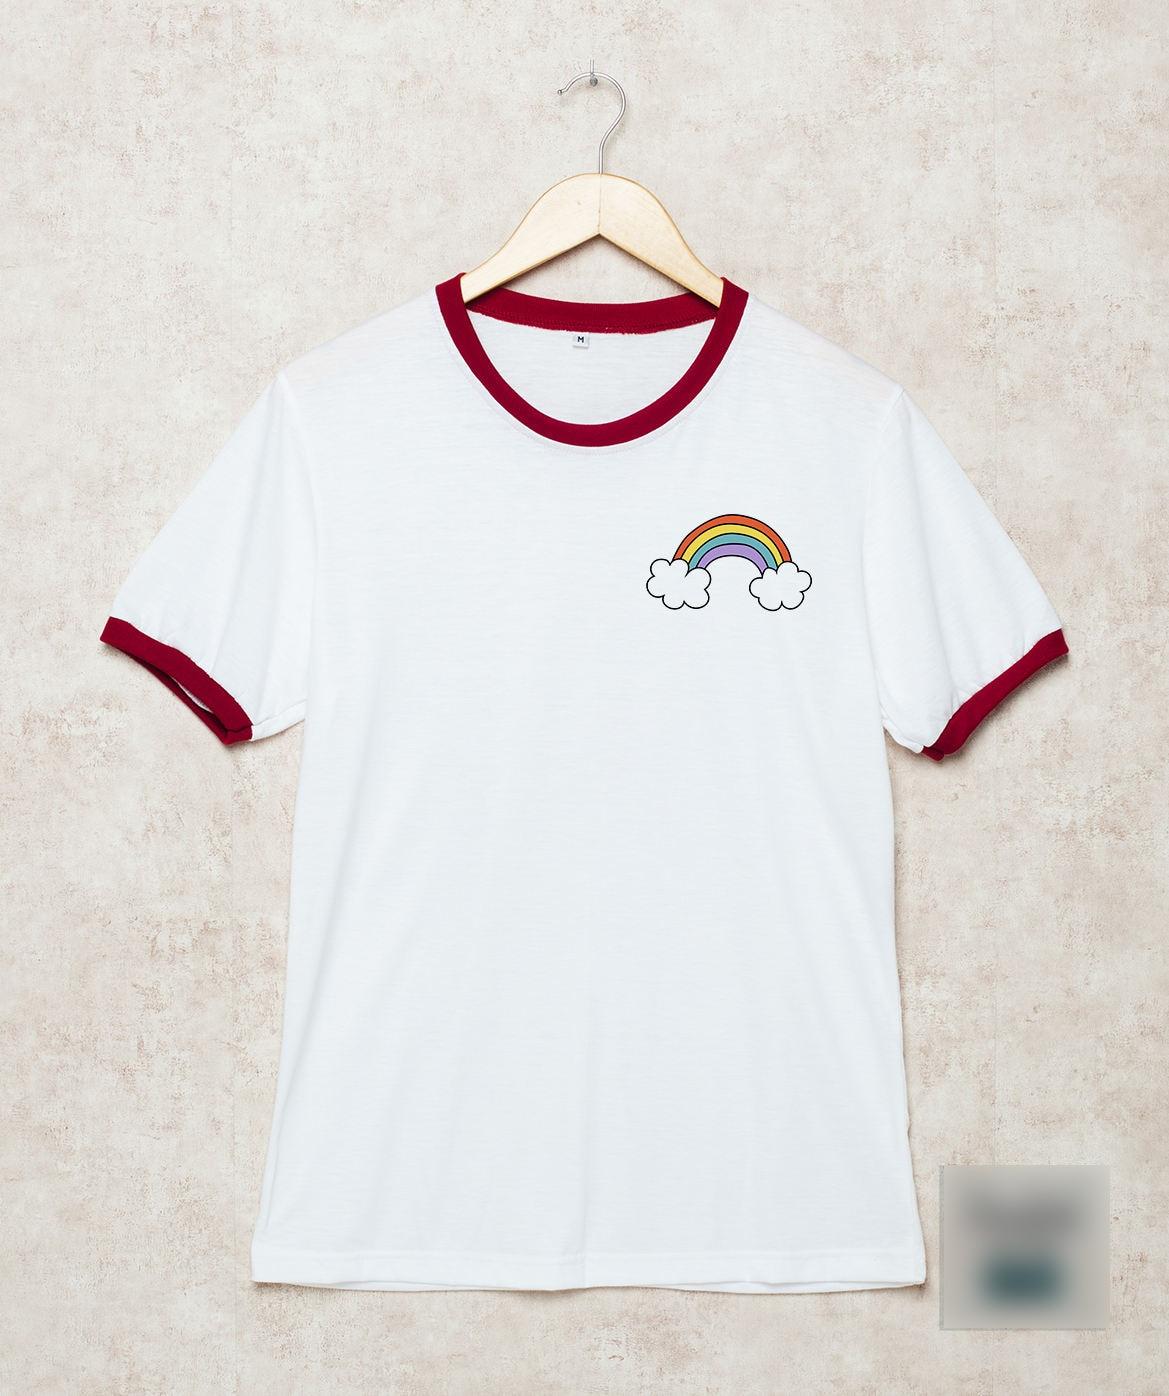 Pusheen Cat Wear A Hat Cool Crop Top Dew Navel T Shirts Sportbekleidung